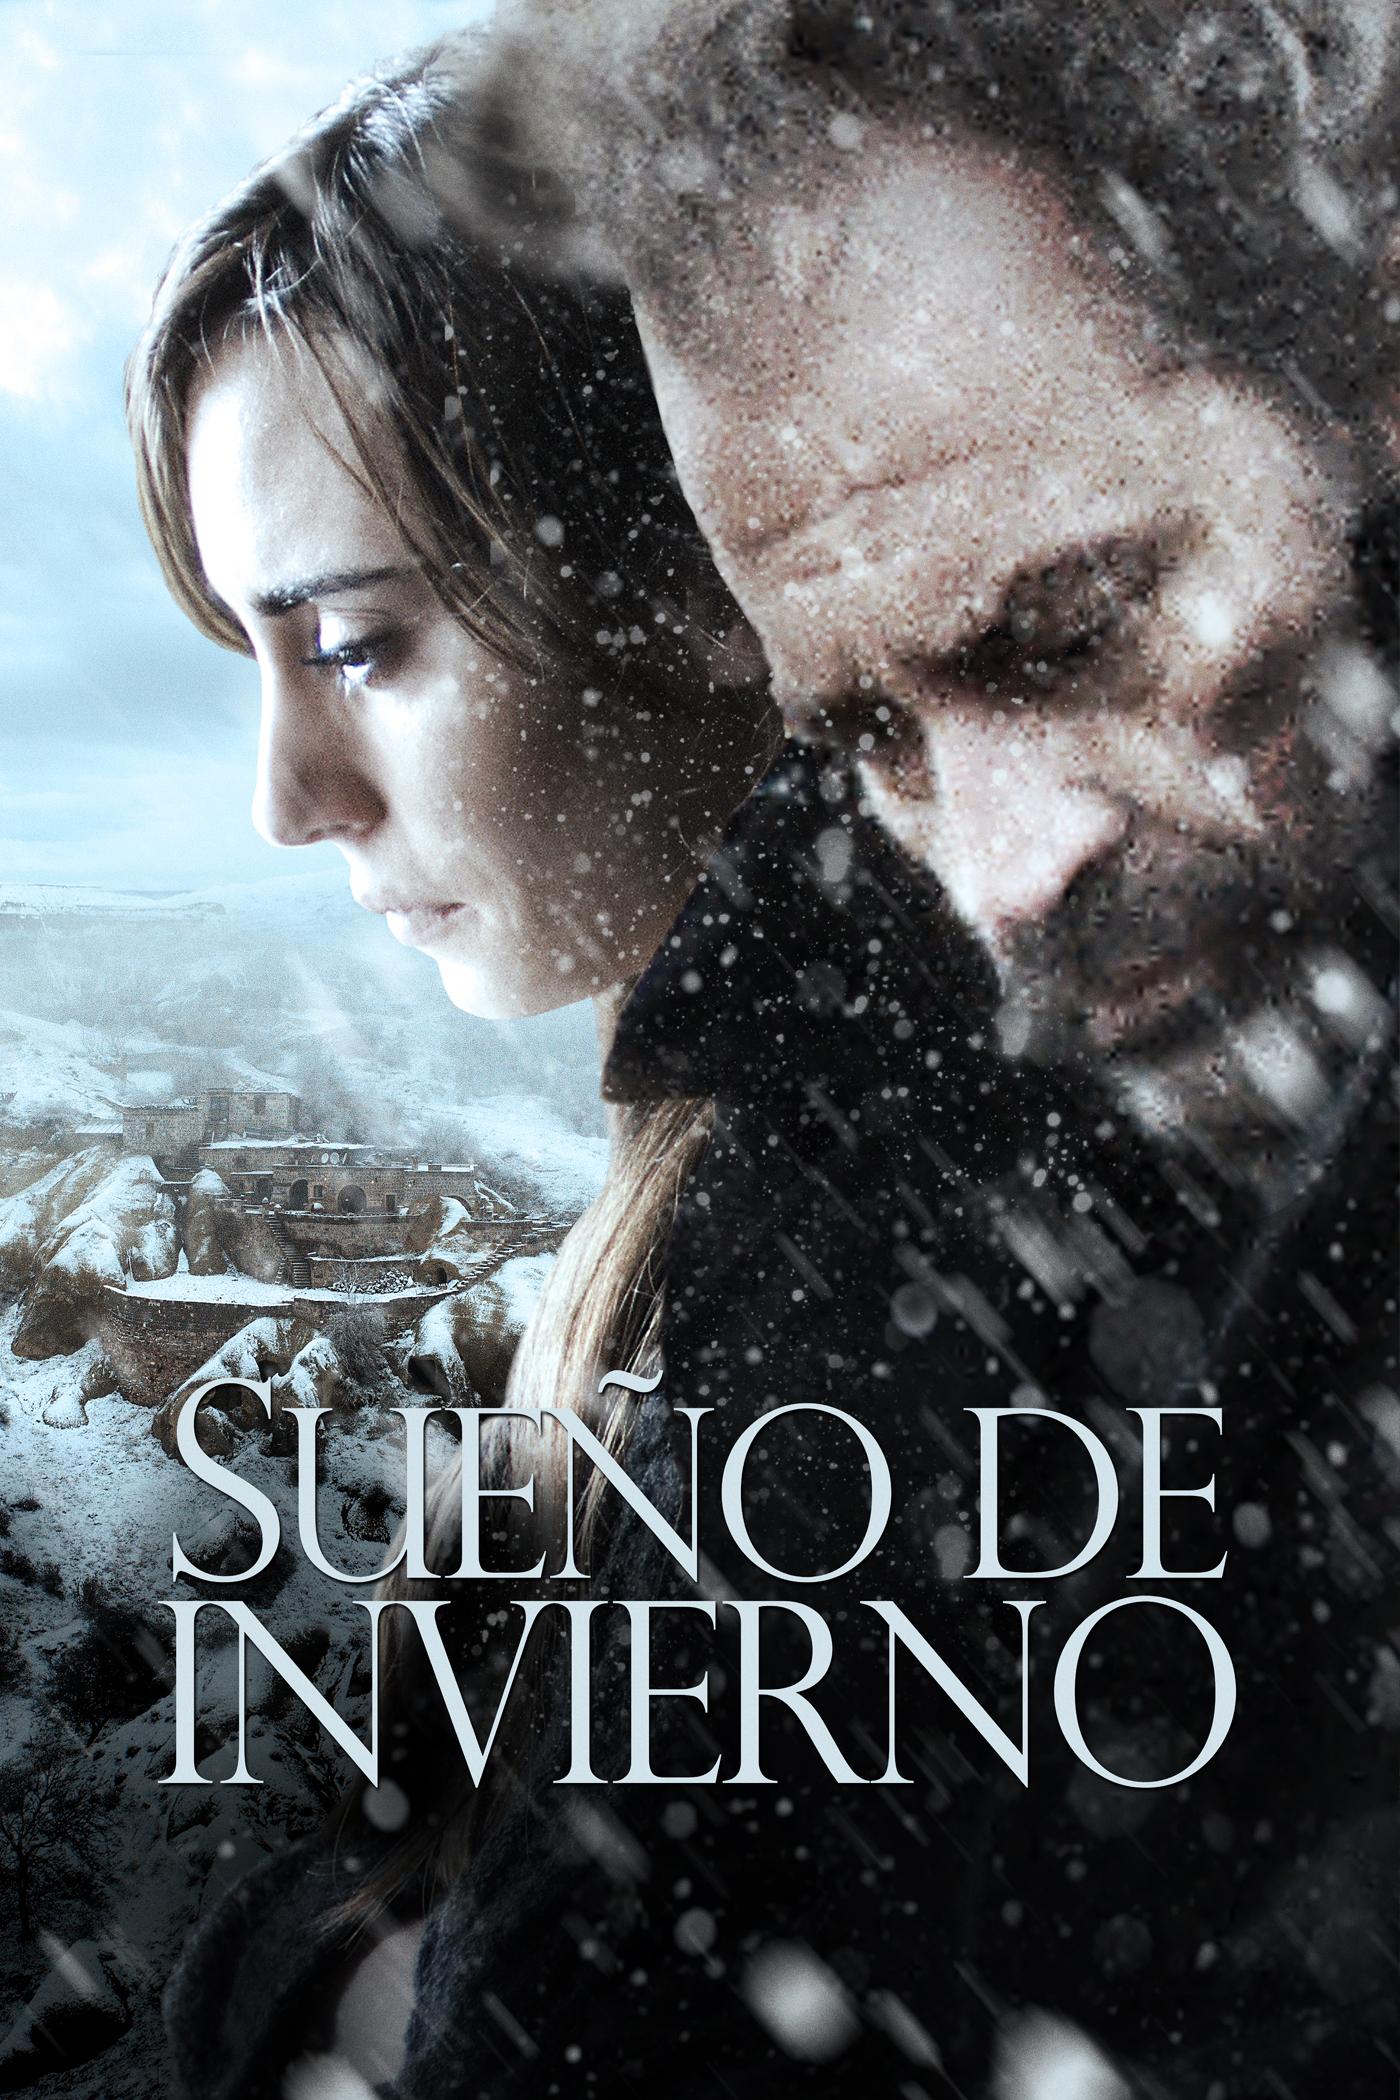 Sueño de Invierno - Poster.jpg